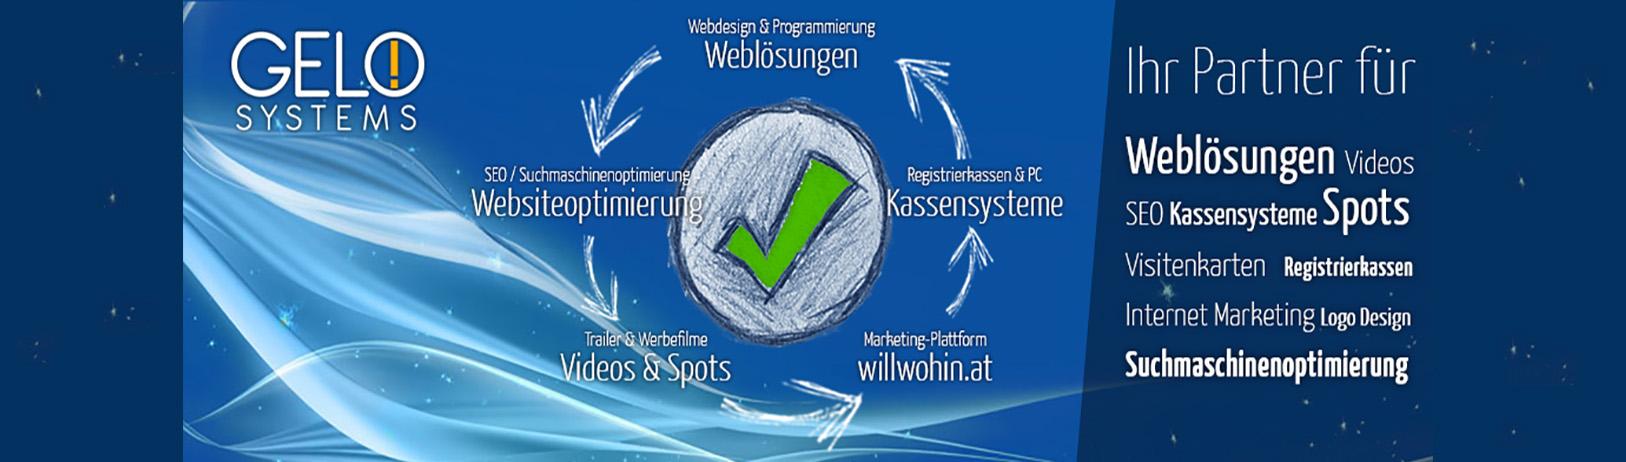 Firma GELO Systems - Ihr Anbieter für Registrierkassen, Kassensysteme, Kassenzubehör wie Thermobonrollen, Weblösungen wie die Erstellung und Programmierung von Homepages und Webseiten, Suchmaschinenoptimierung von Webseiten um bei Suchmaschinen besser gefunden zu werden, professionelle und moderne Firmenvideos und vieles mehr.